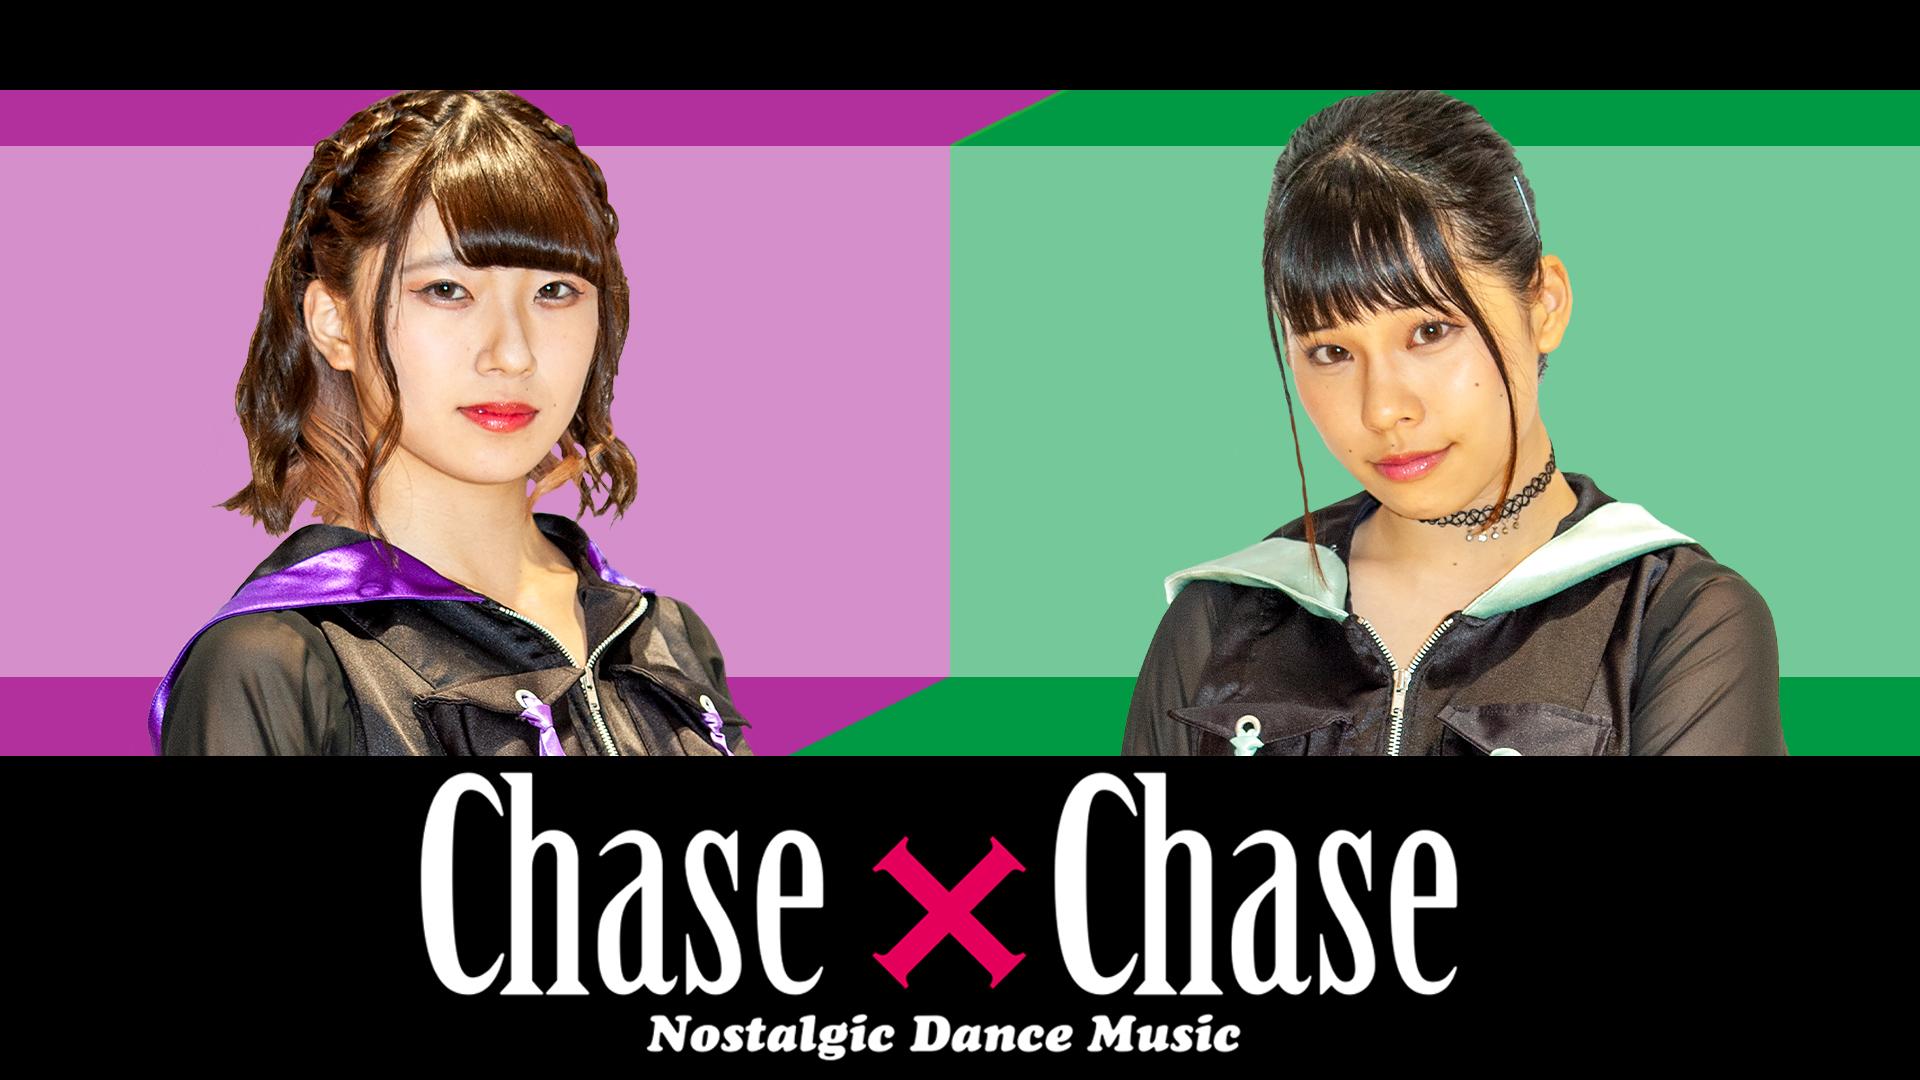 オーディション Chase×Chase 新規メンバー&研修生募集 Dance Vocal Groupの女性メンバーを募集致します 主催:Amazing Entertainment、カテゴリ:アイドル(本格派)